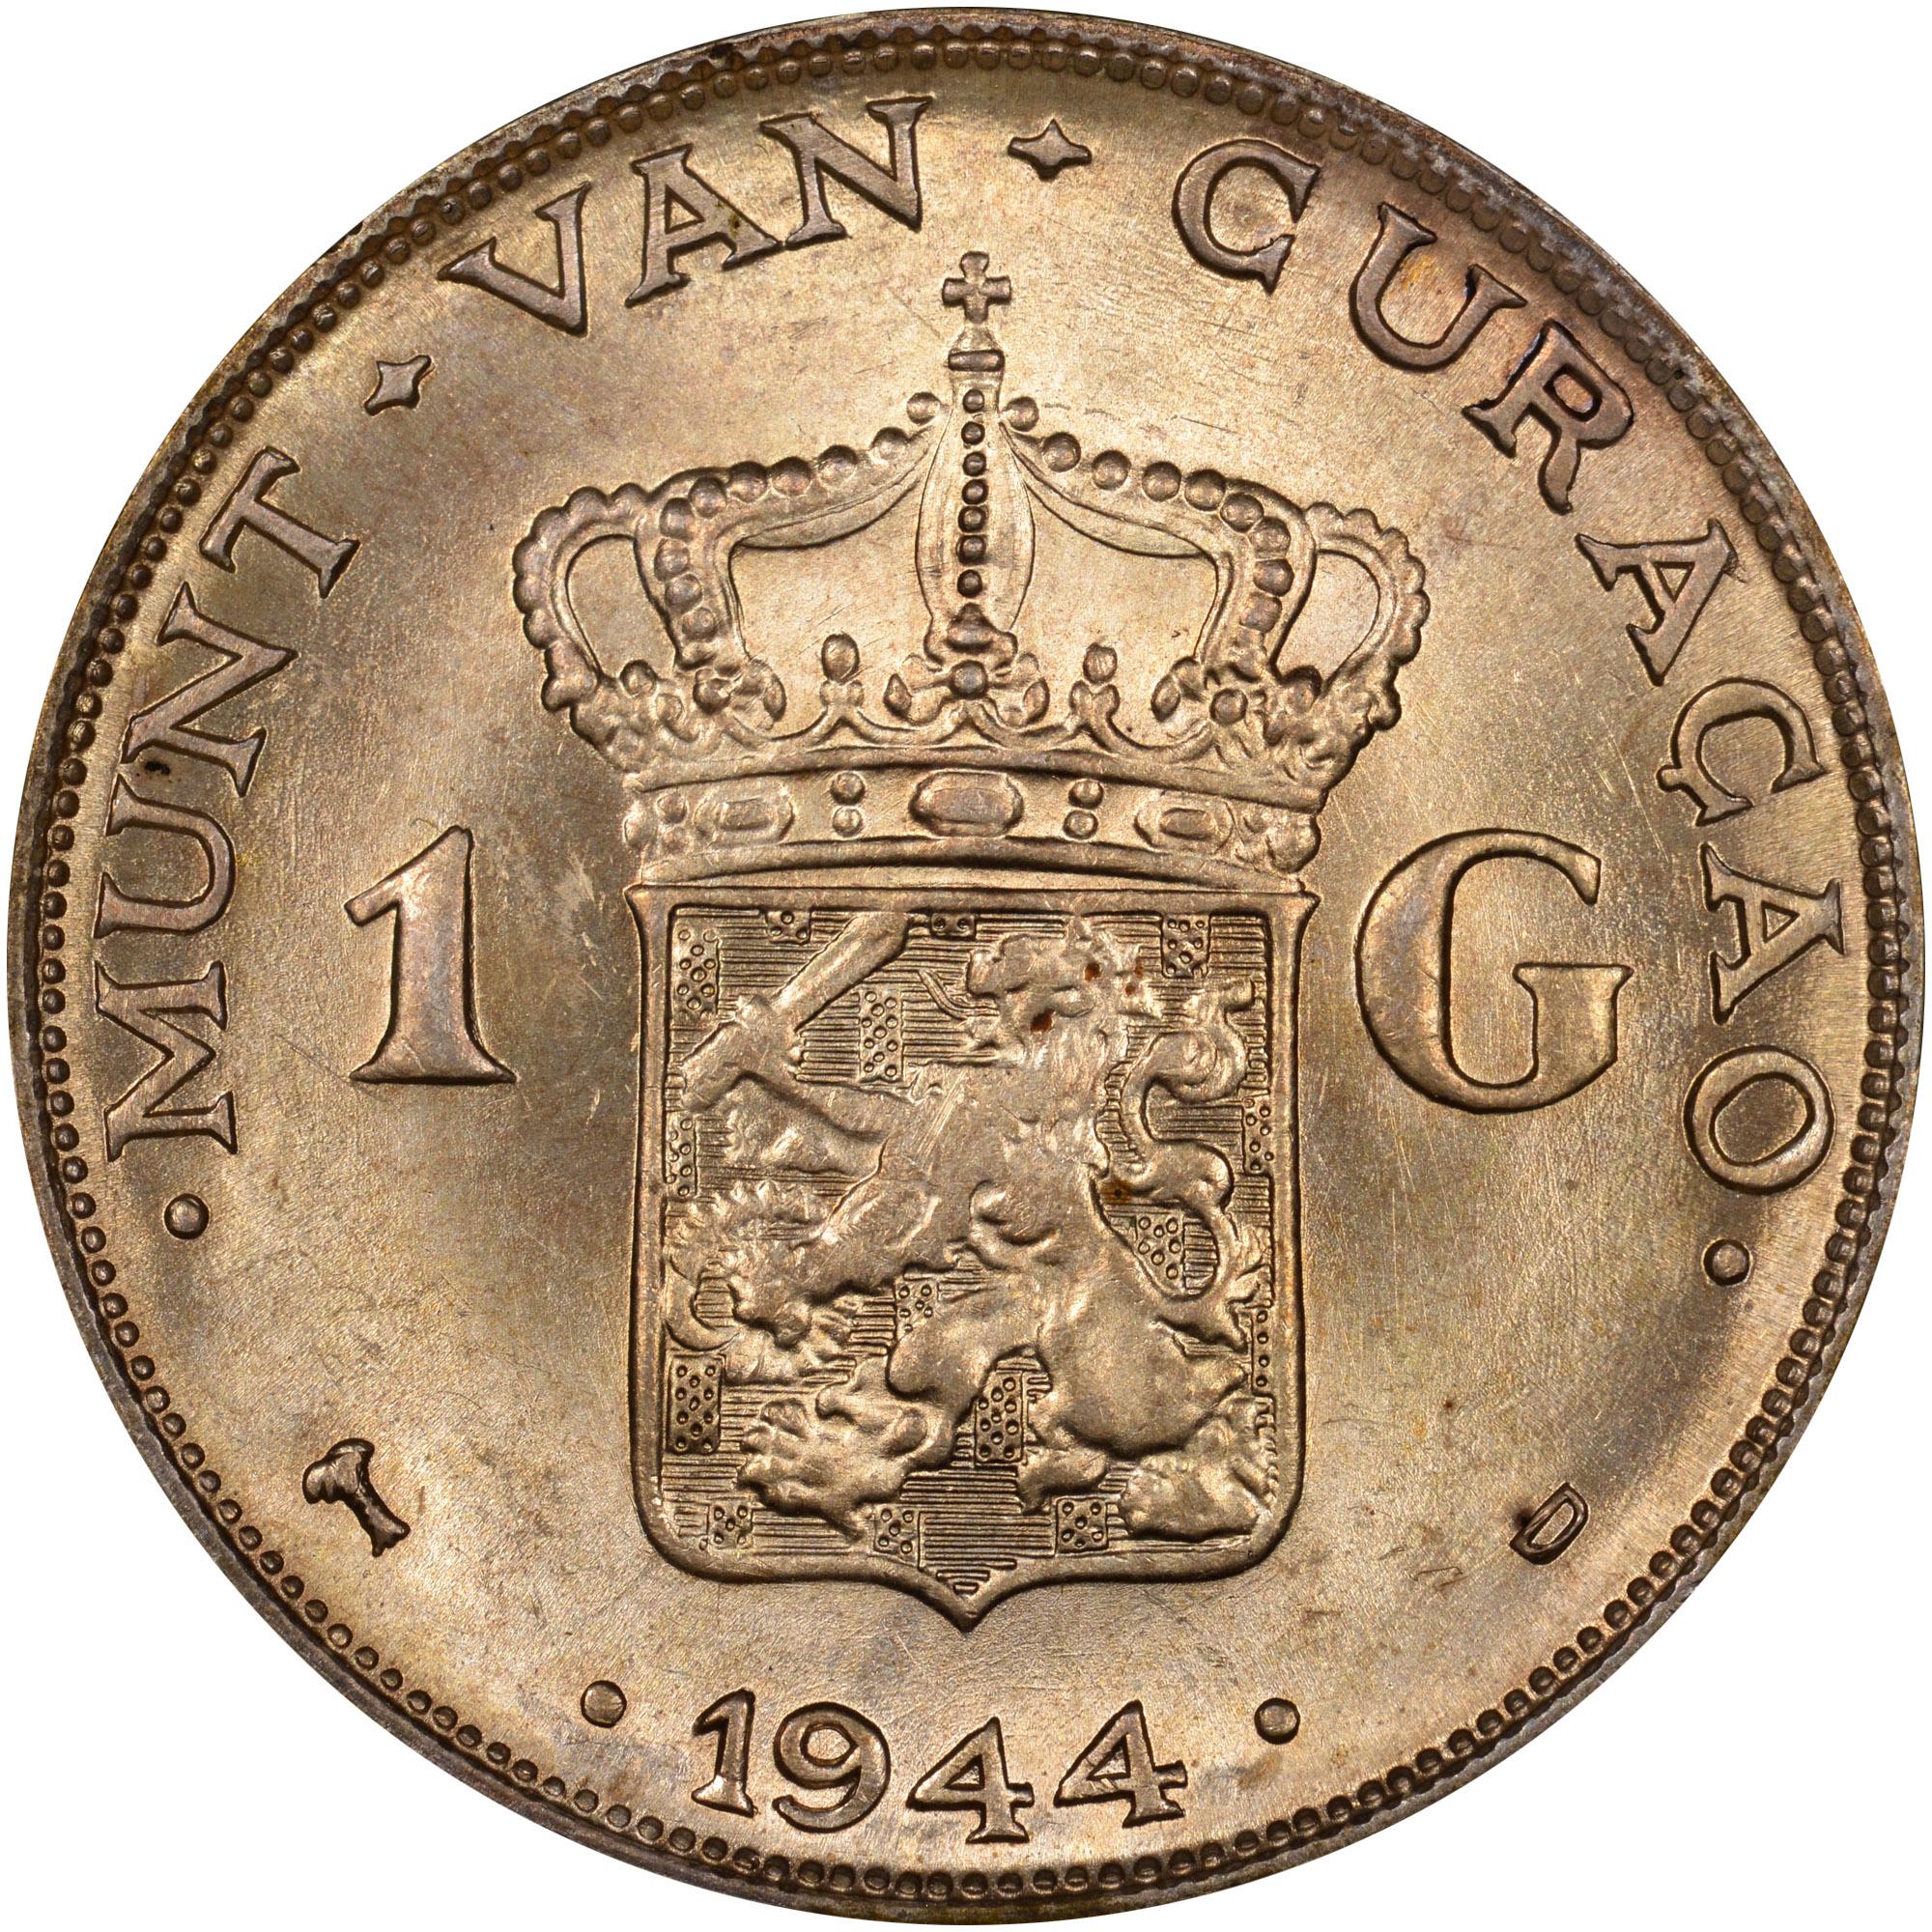 1944 Curacao Gulden reverse